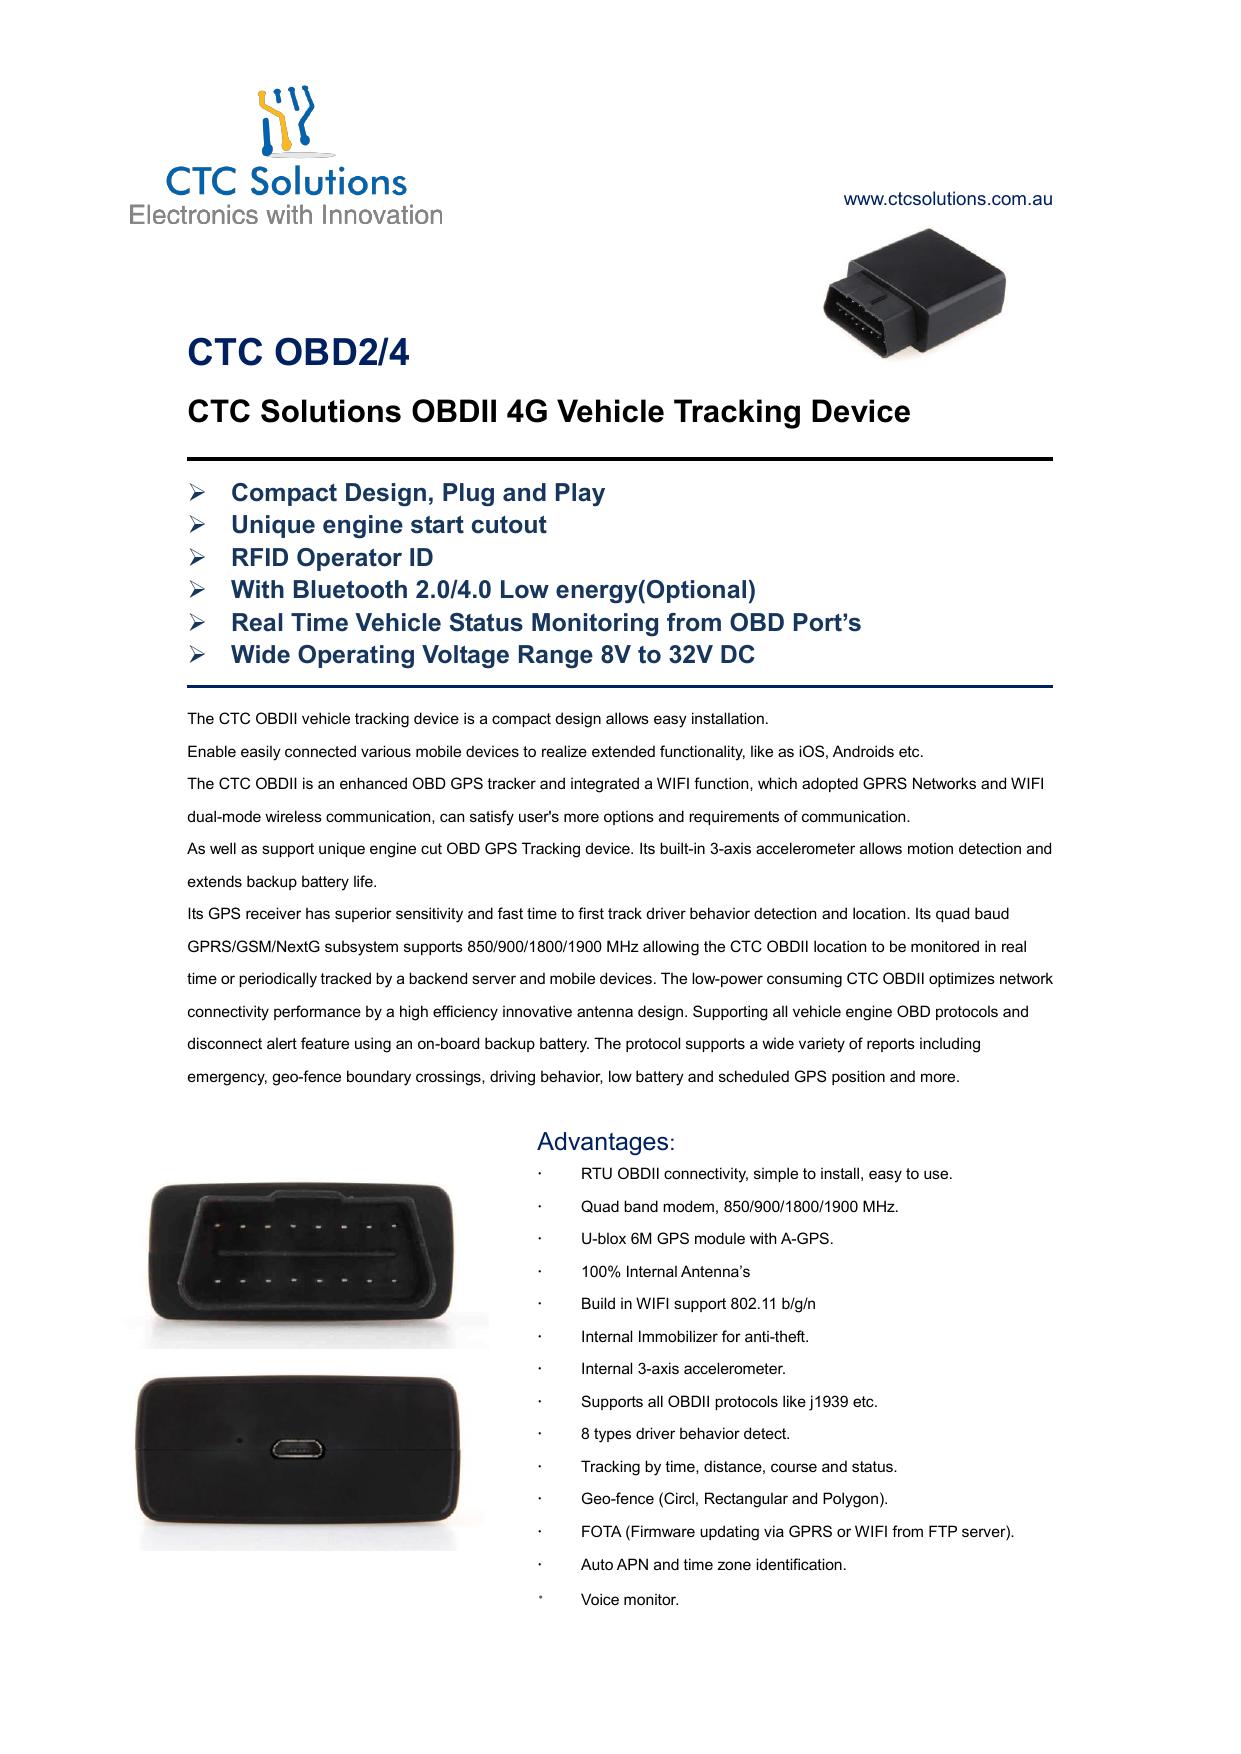 CTC OBD2/4 - CTC Solutions | manualzz com